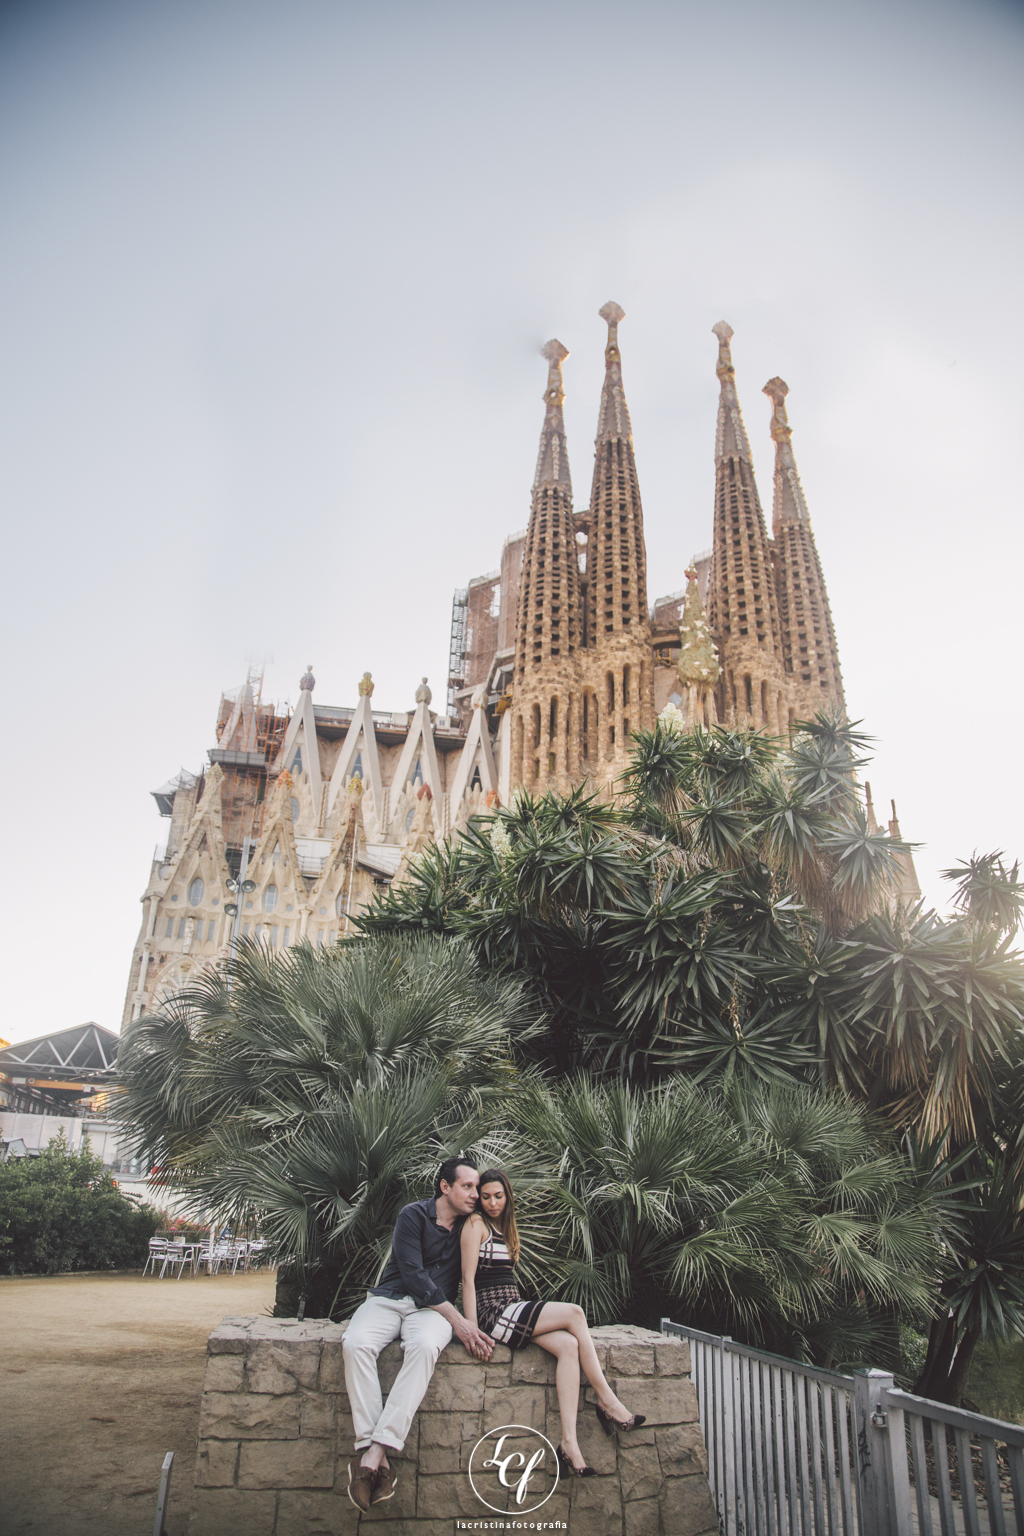 fotógrafo de boda barcelona :: fotógrafo de pareja :: ensayo de pareja barcelona  :: turistas braseiños en barcelona :: ensaio em barcelona